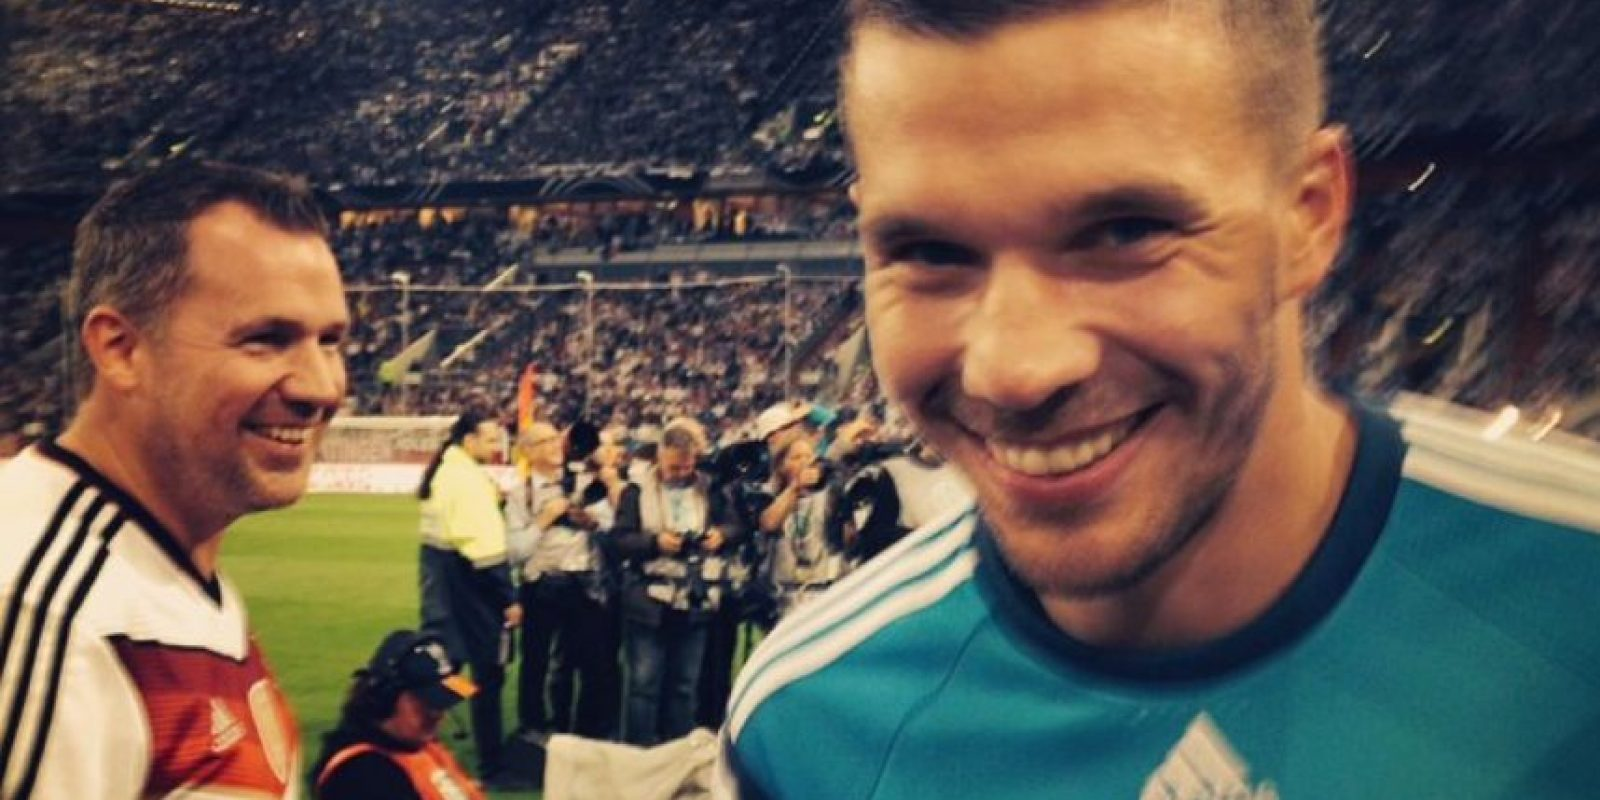 El delantero de los Gunners es famoso por postear simpáticas imágenes en sus redes sociales Foto:Instagram: @poldi_official